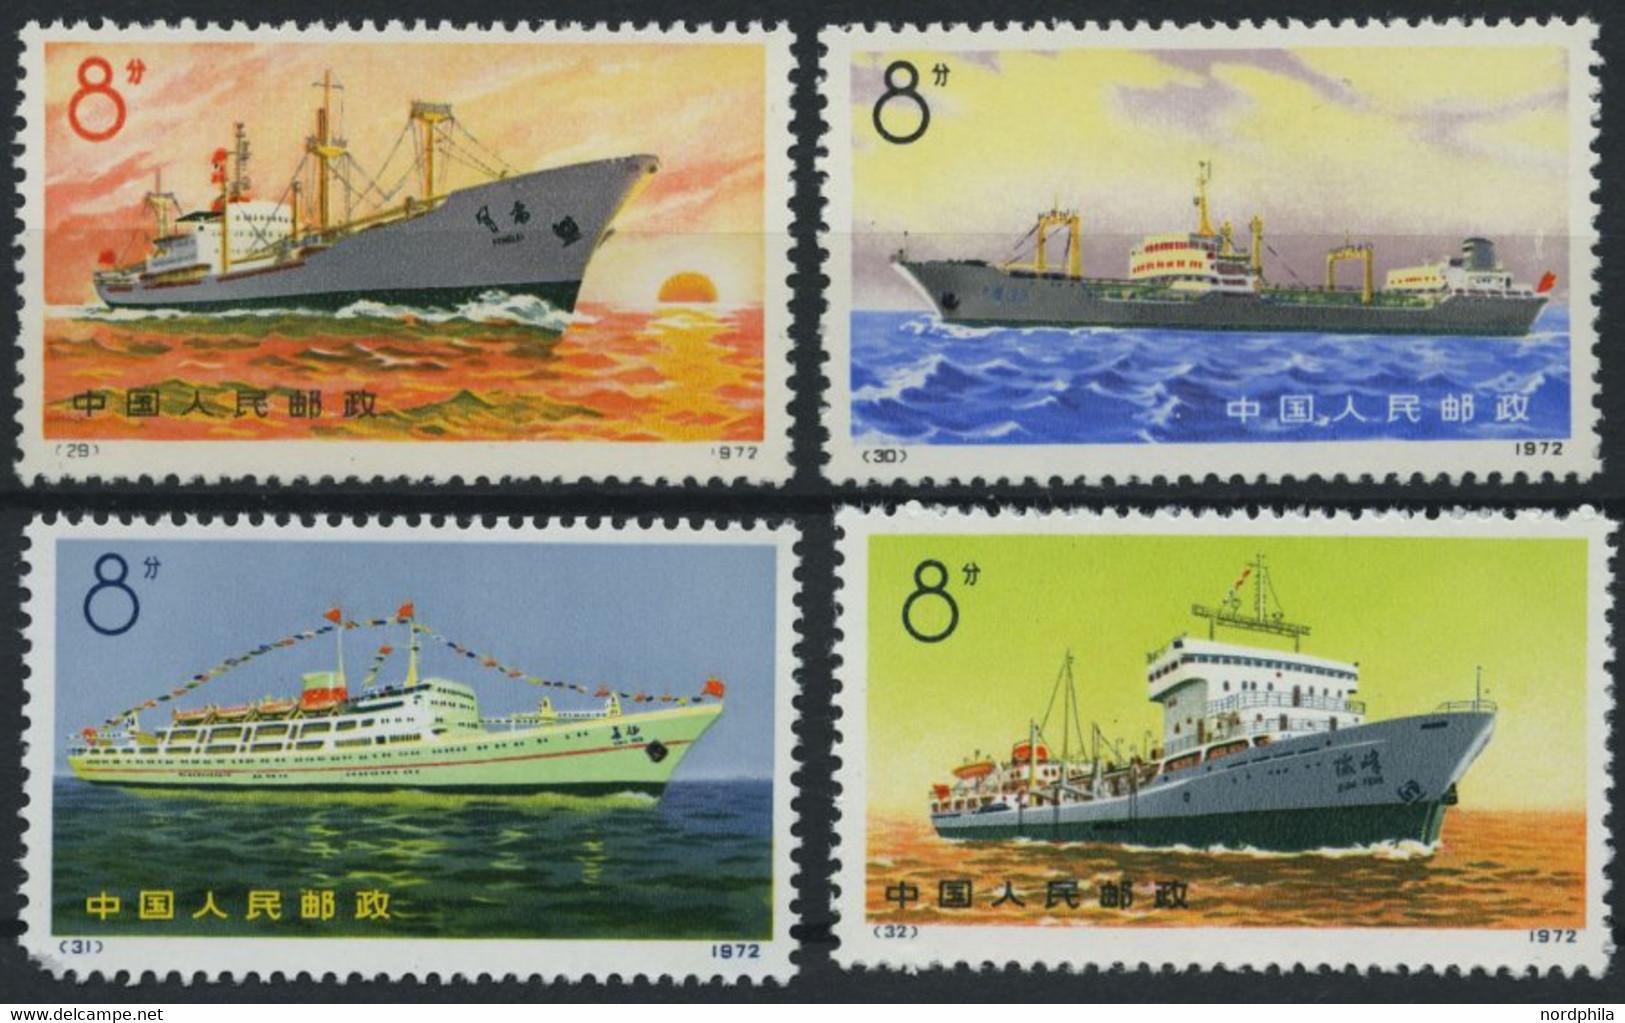 CHINA - VOLKSREPUBLIK 1113-16 (*), 1972, Handelsschiffe Der Volksrepublik China, Wie Verausgabt Ohne Gummi, Mi.Nr. 1115  - Unused Stamps